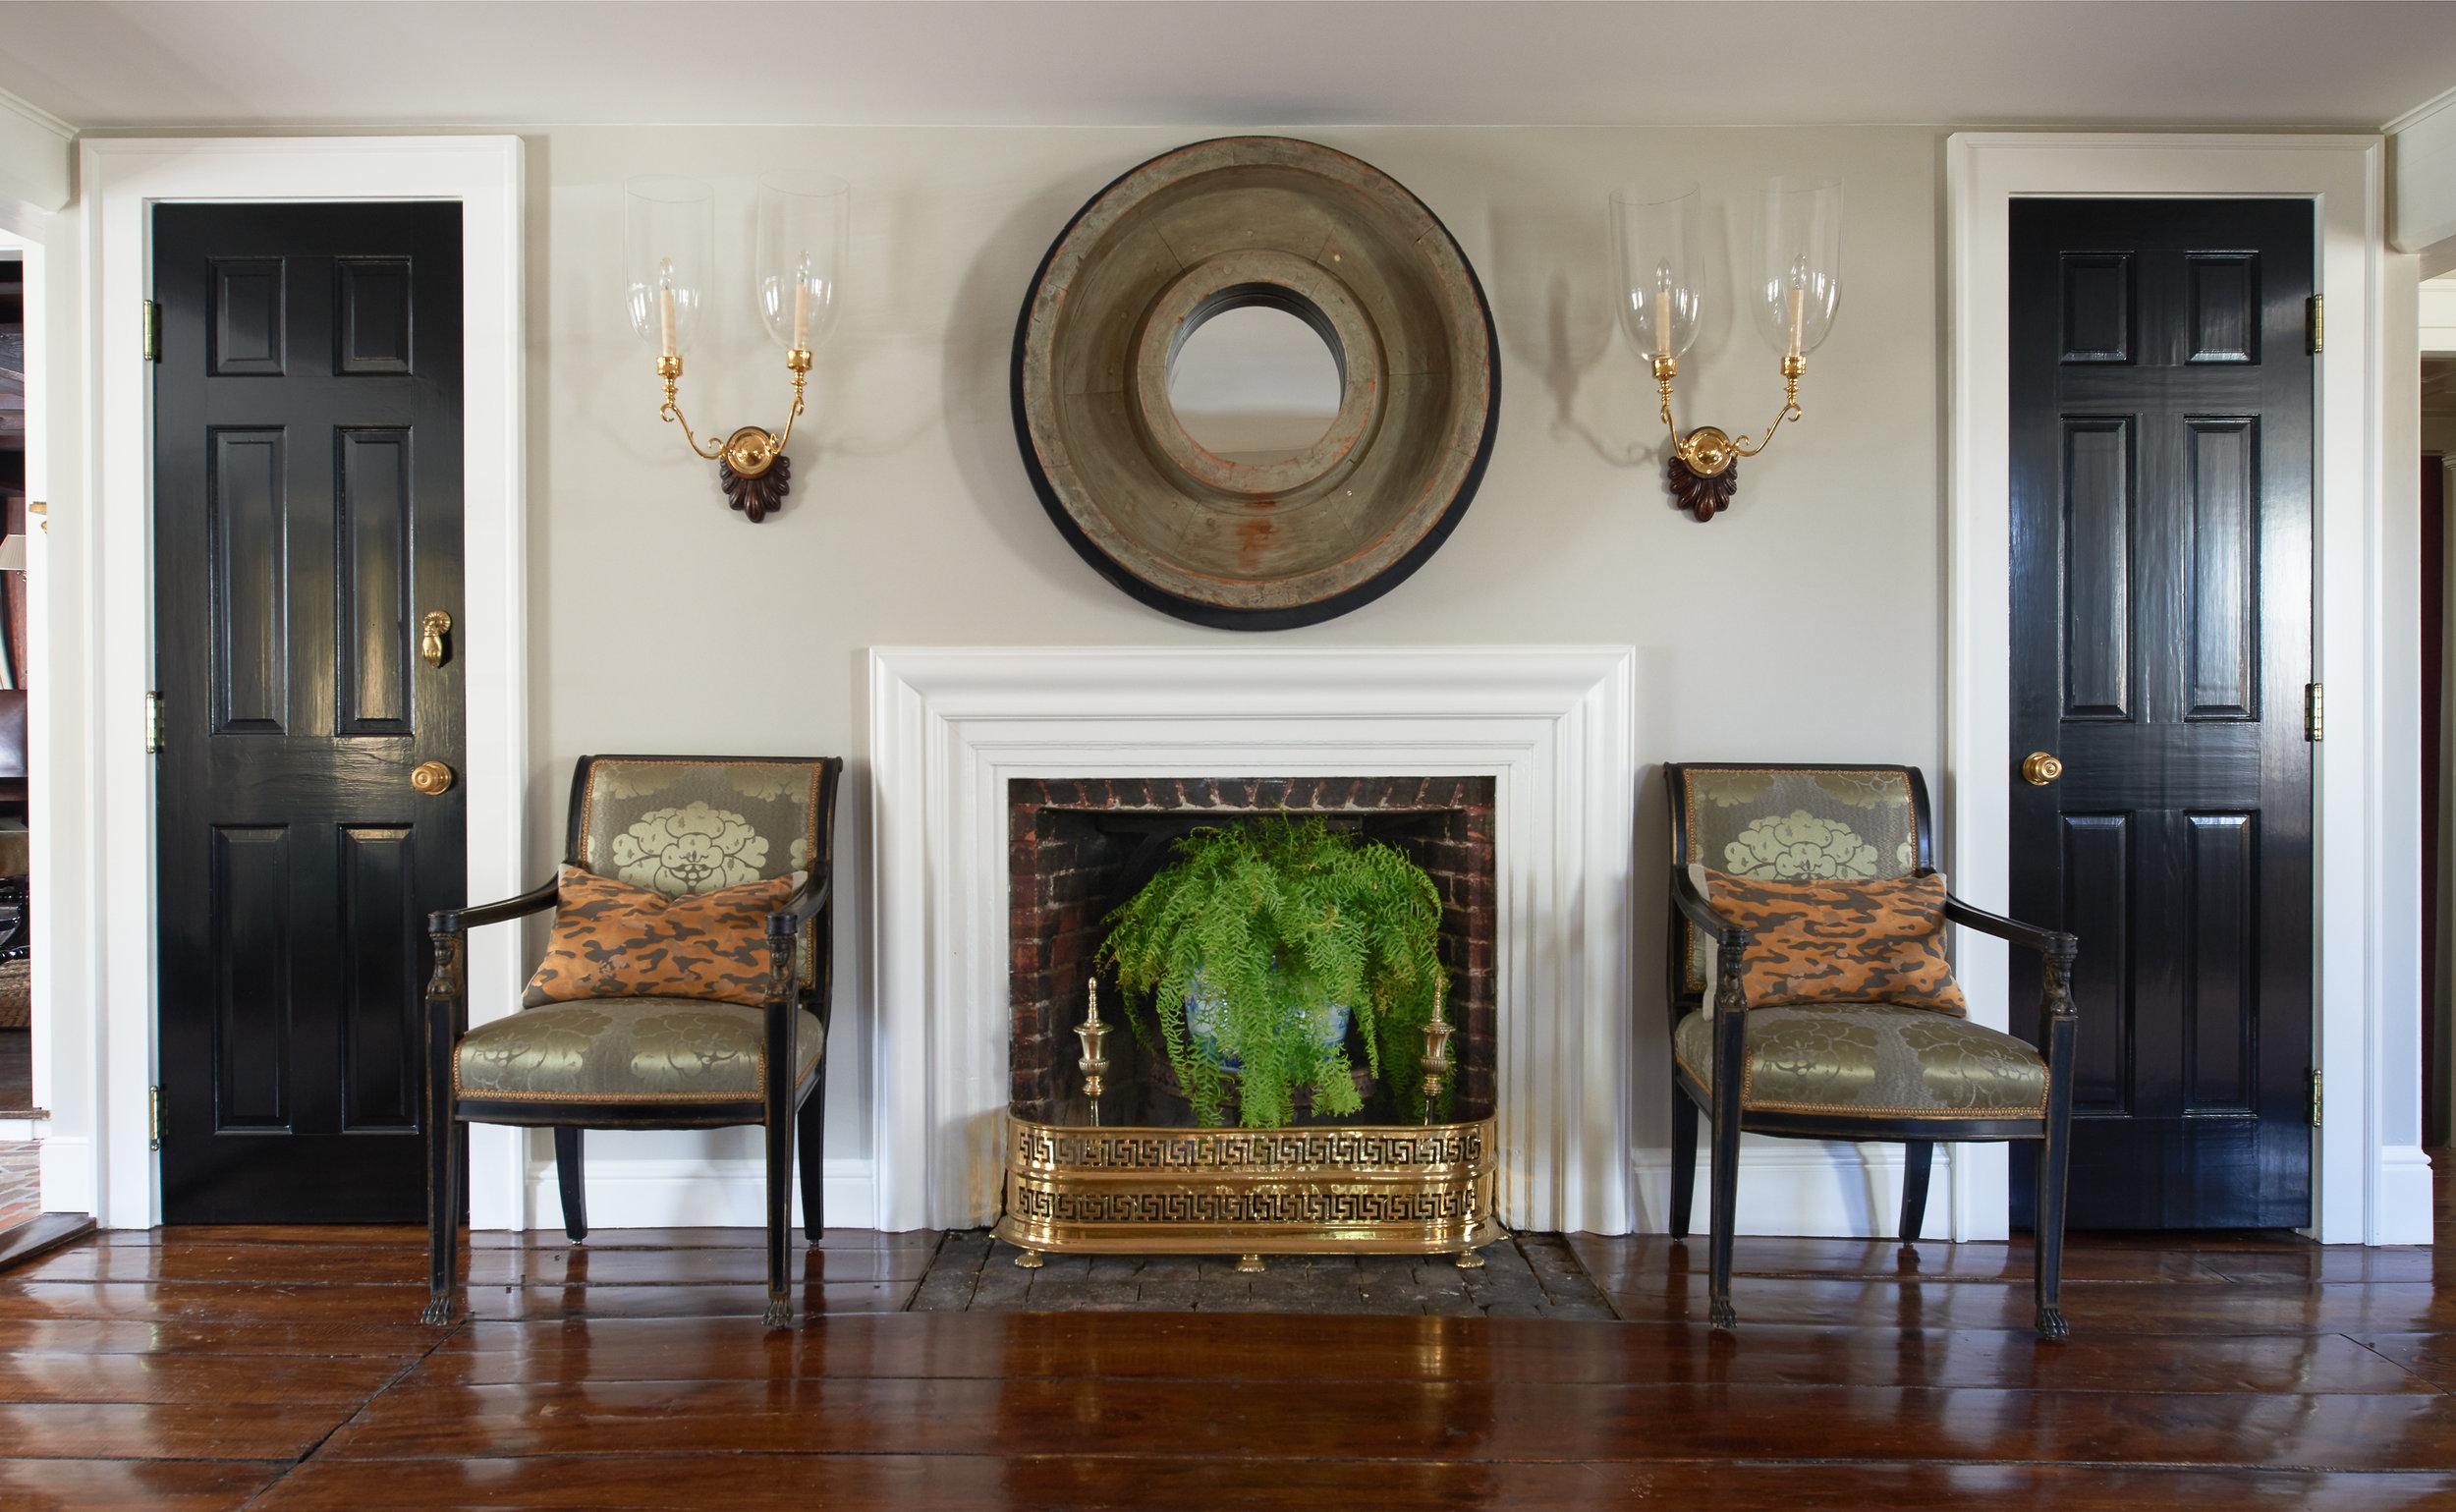 Hilderbrand-Interiors-Silvermine-Antique-interior-design-new-canaan-©Jane Beiles-1802280882.jpg